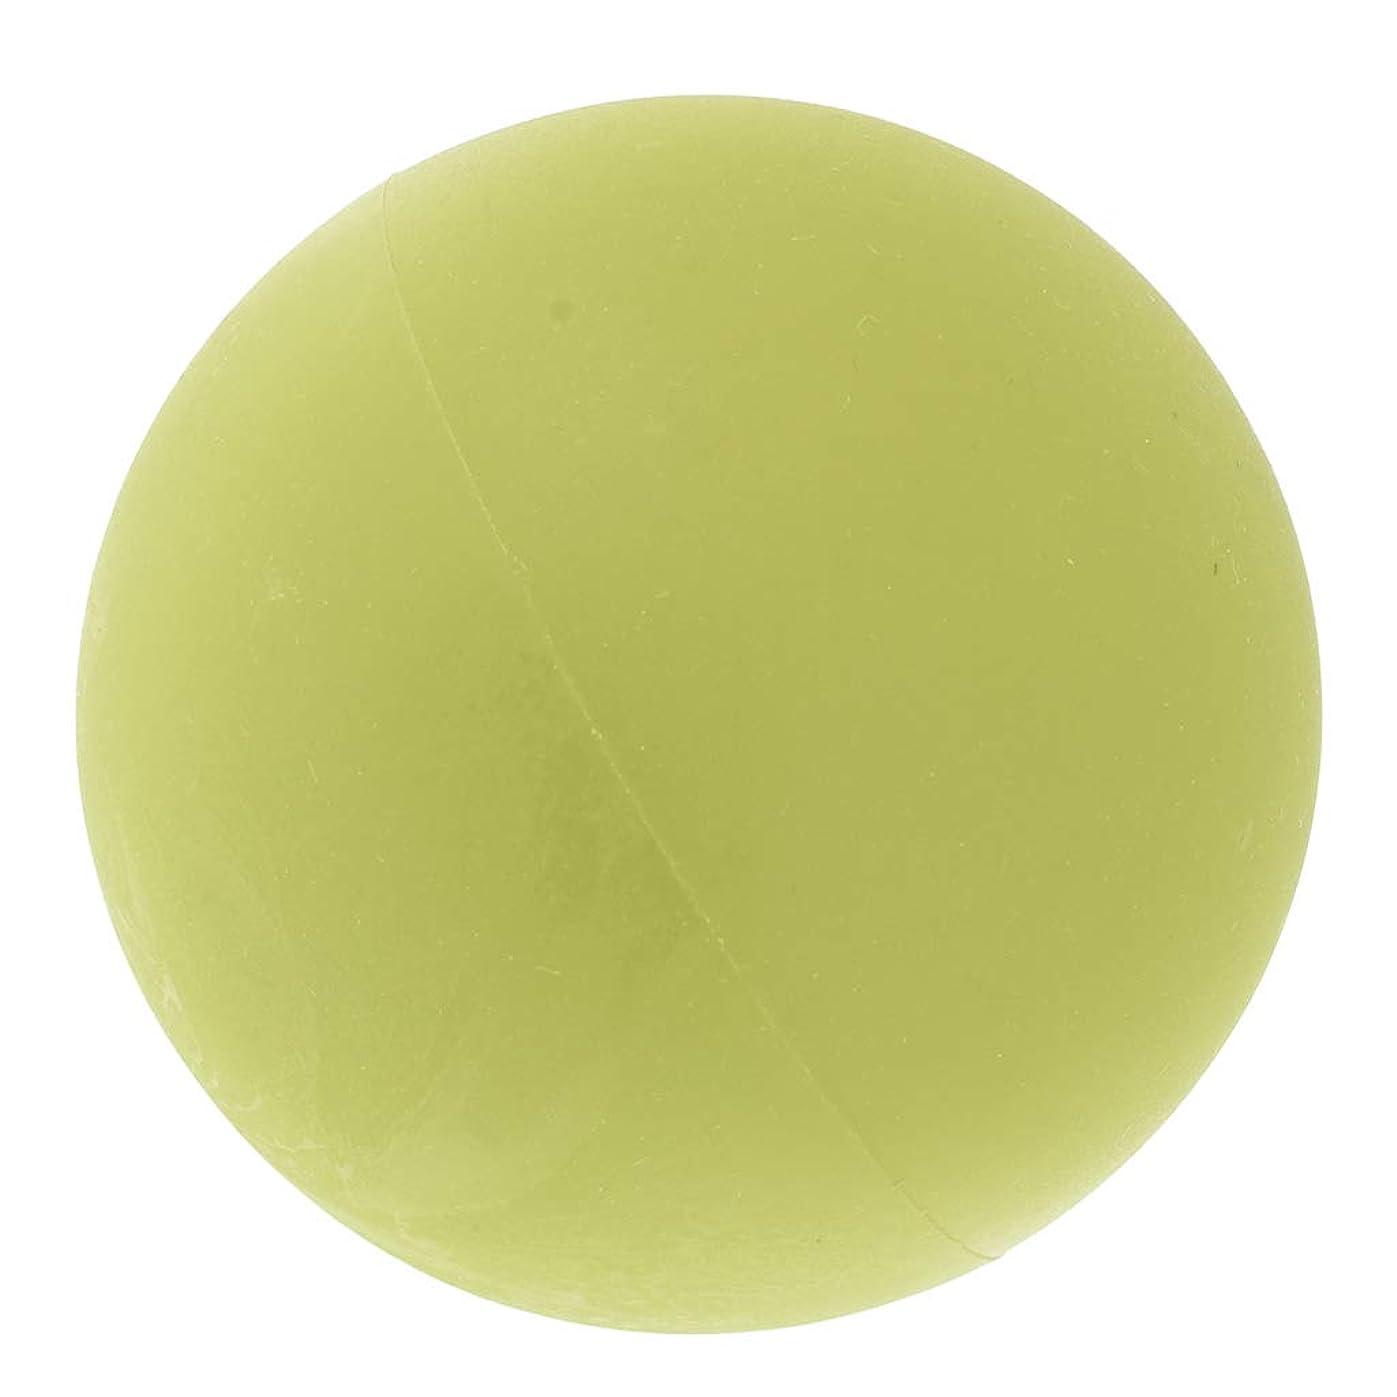 決して心配する死P Prettyia マッサージボール トリガーポイント 筋膜リリース トレーニング ヨガ ツボ押しグッズ 全4色 - 緑